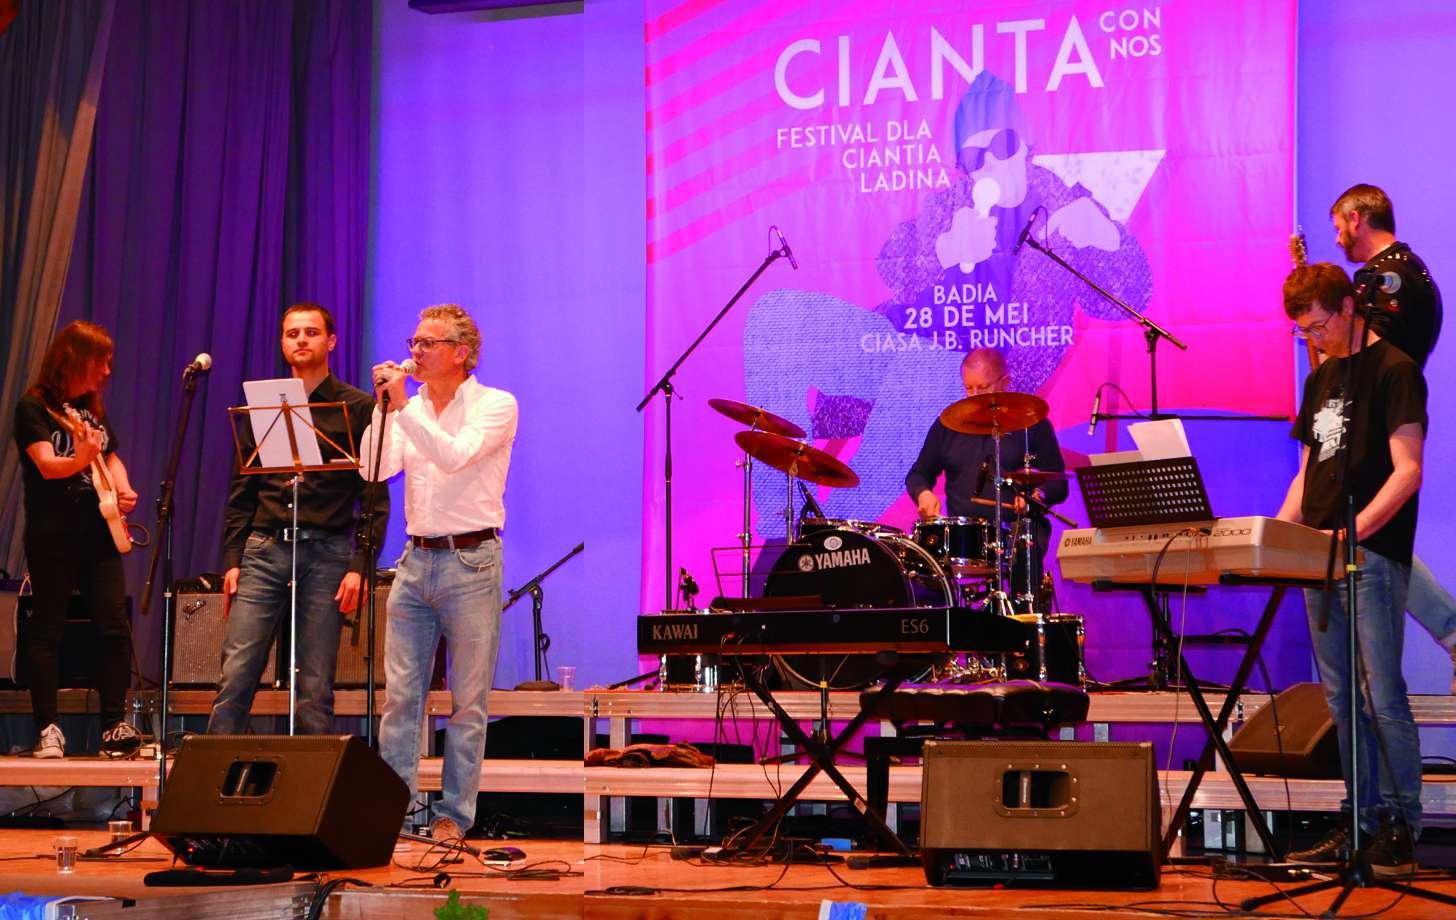 3festival_cianta-con-nos_iacorigo.jpg